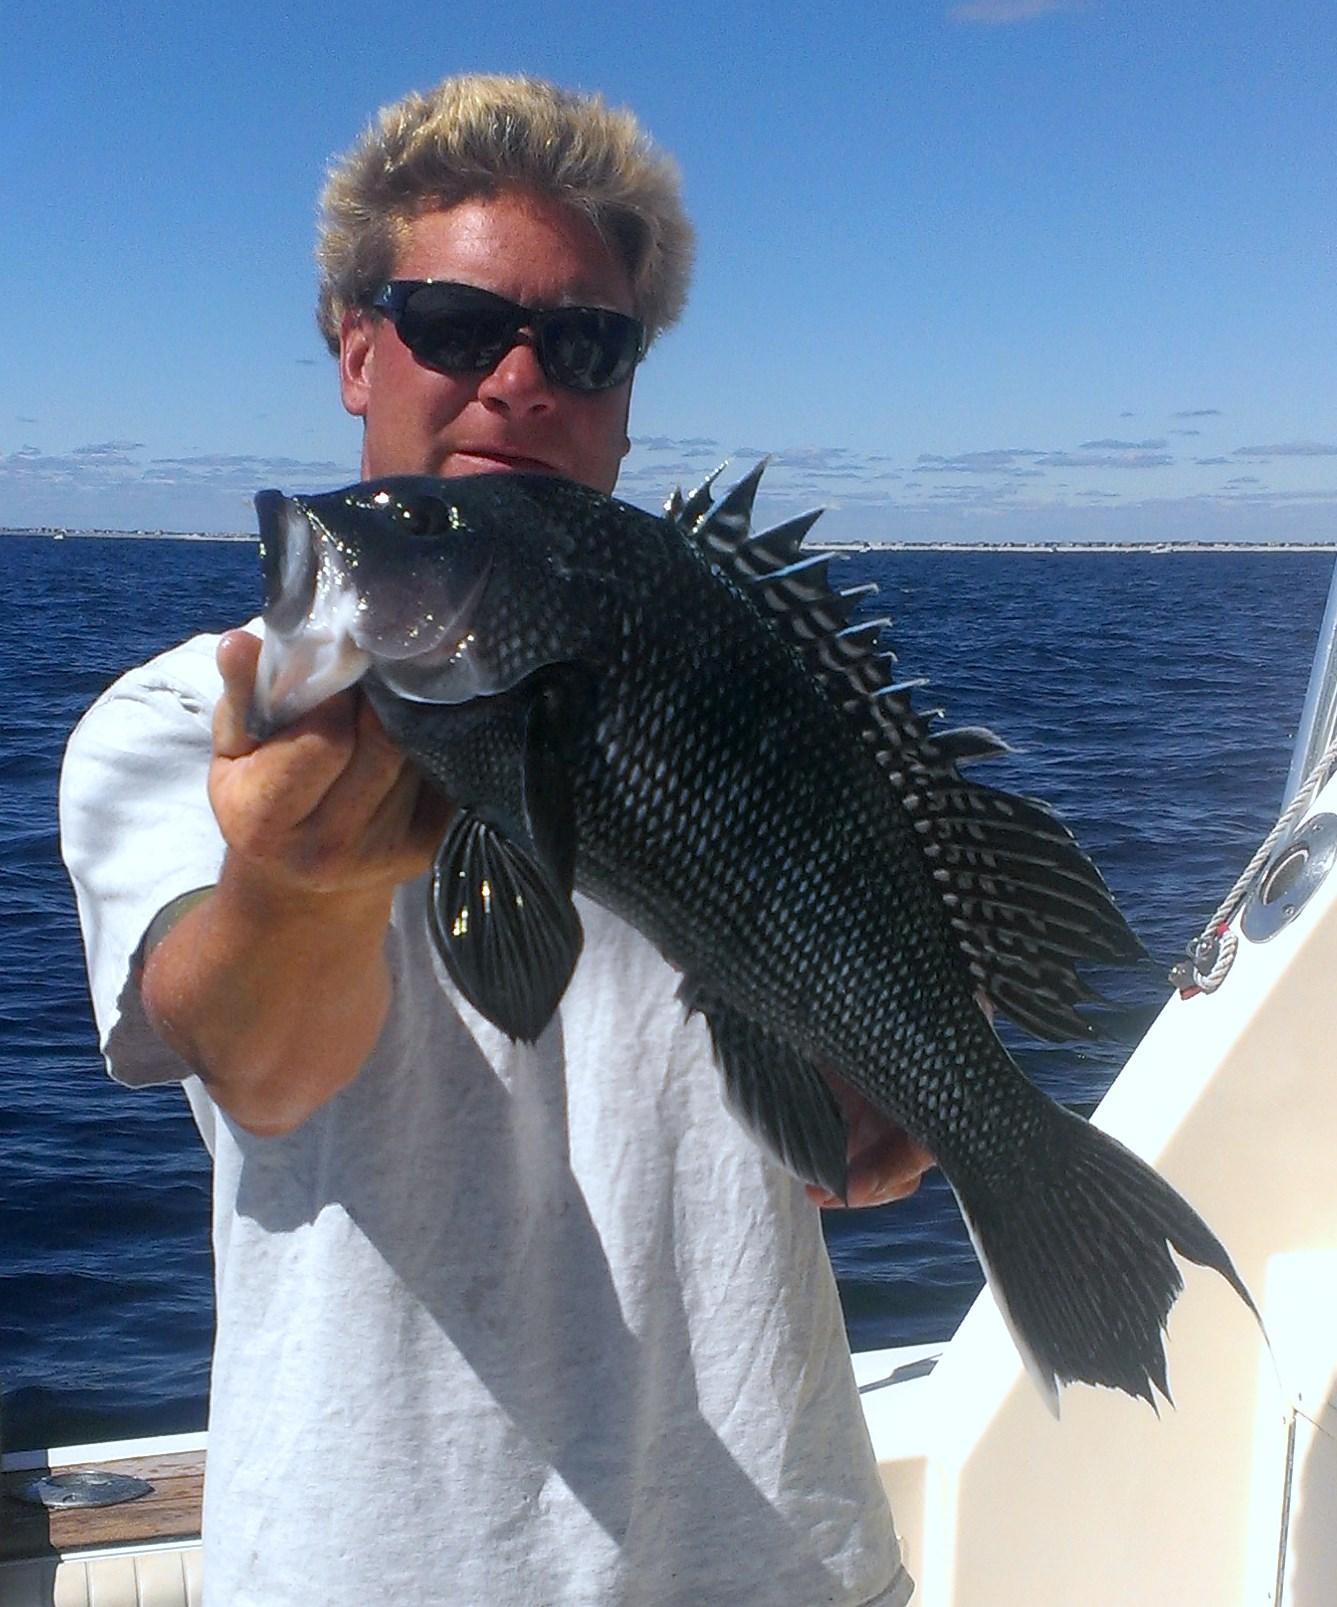 Sea bass fishing charter new jersey charter fishing nj for Bass fishing season